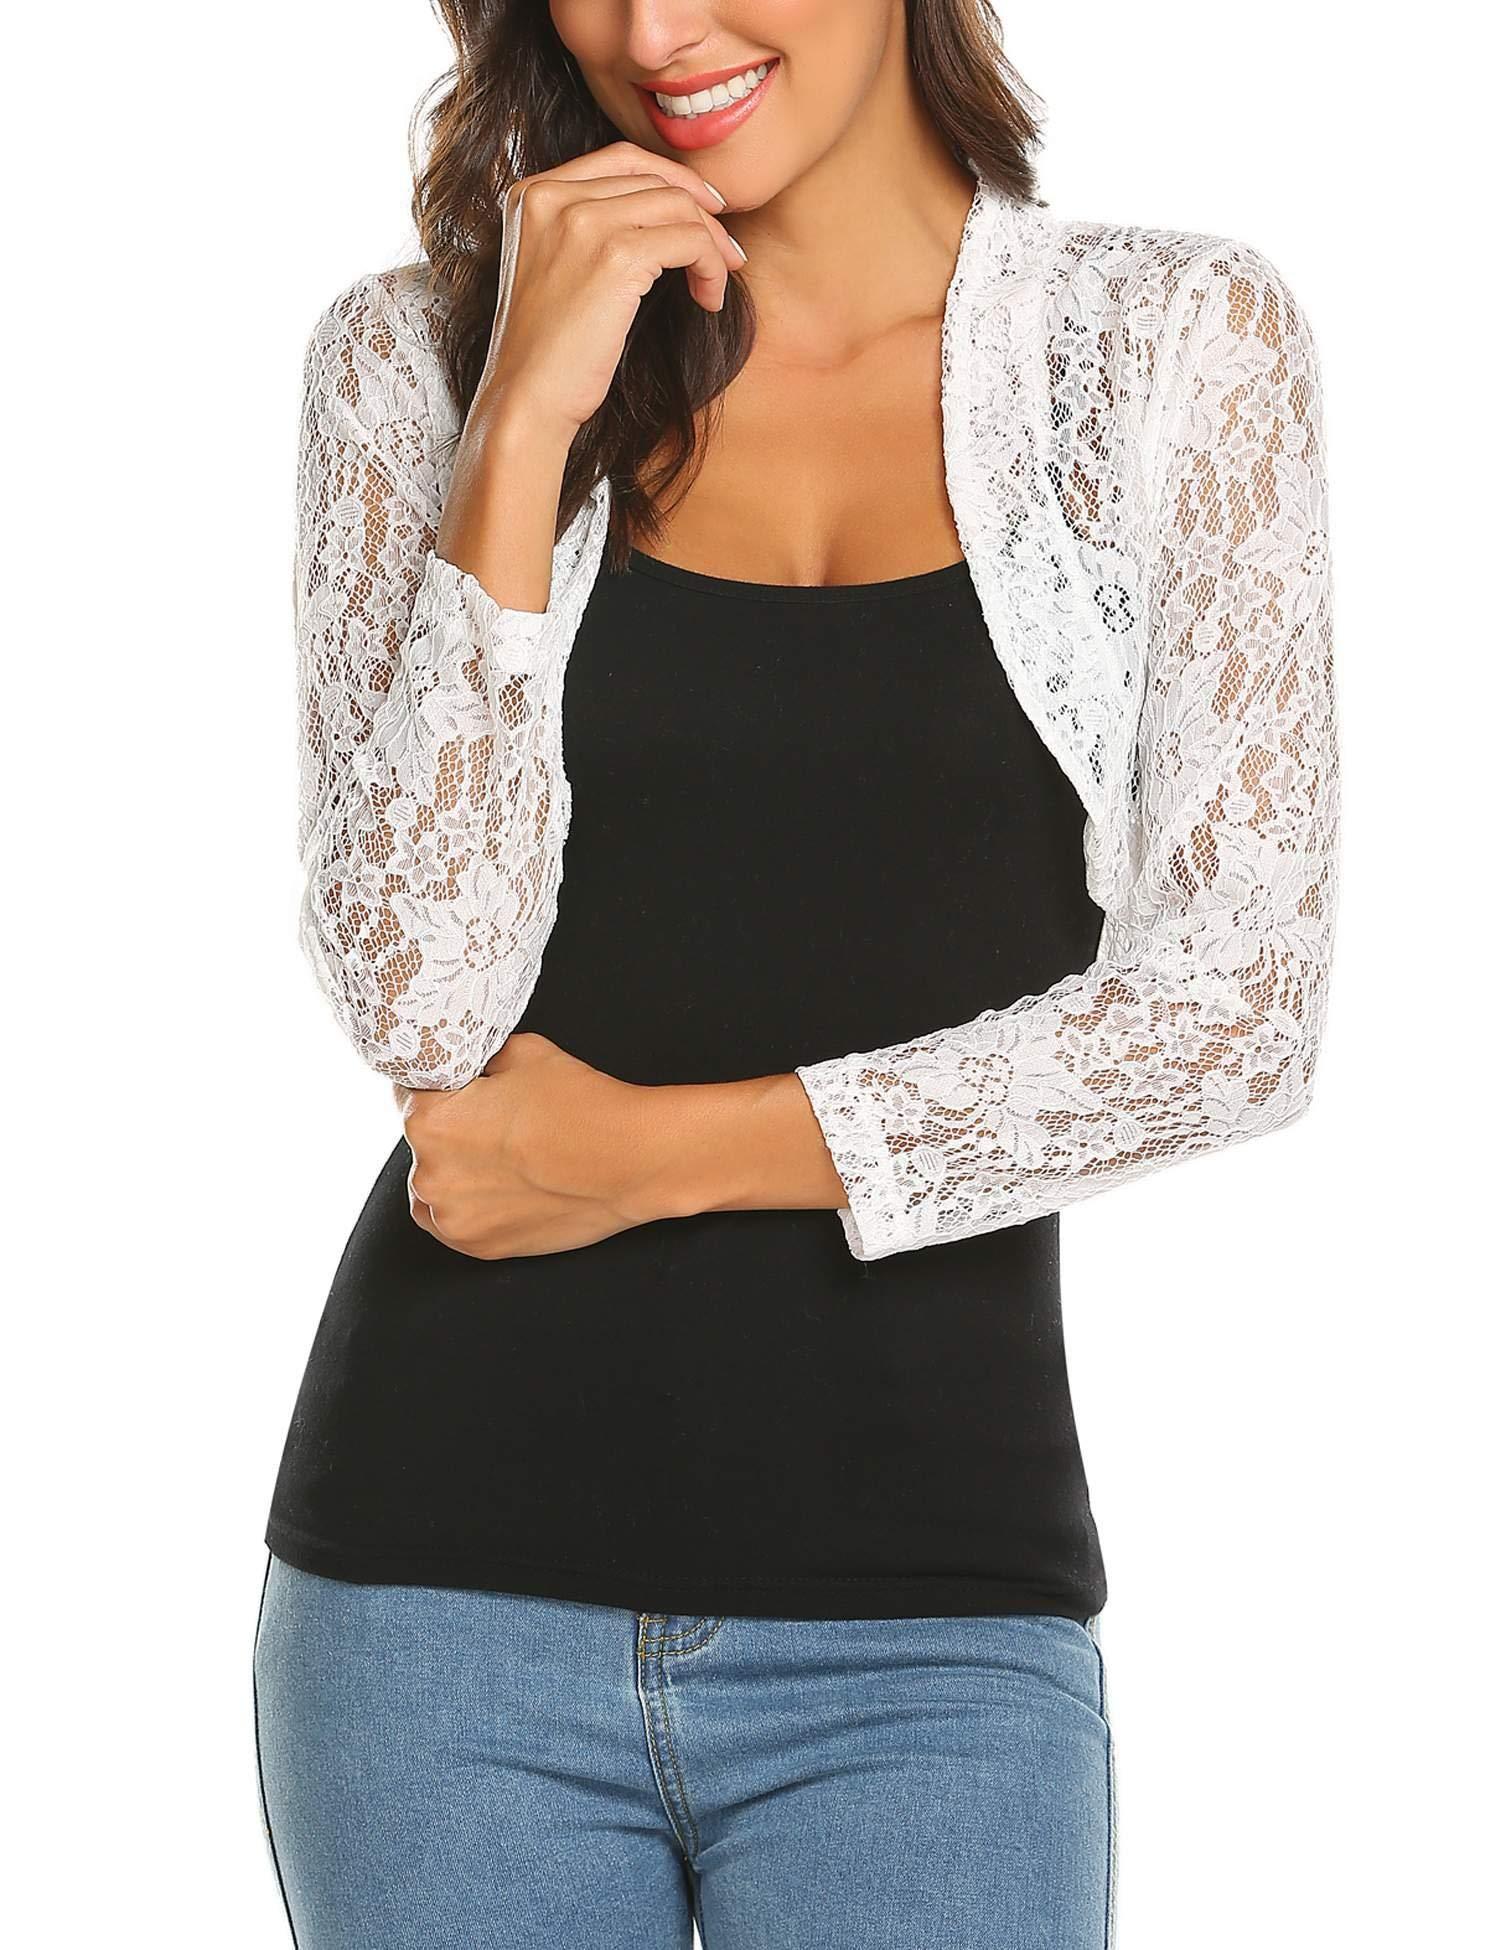 Grabsa Women's 3 4 Sleeve Lace Shrugs Bolero Cardigan Crochet Sheer Crop Jacket by Grabsa